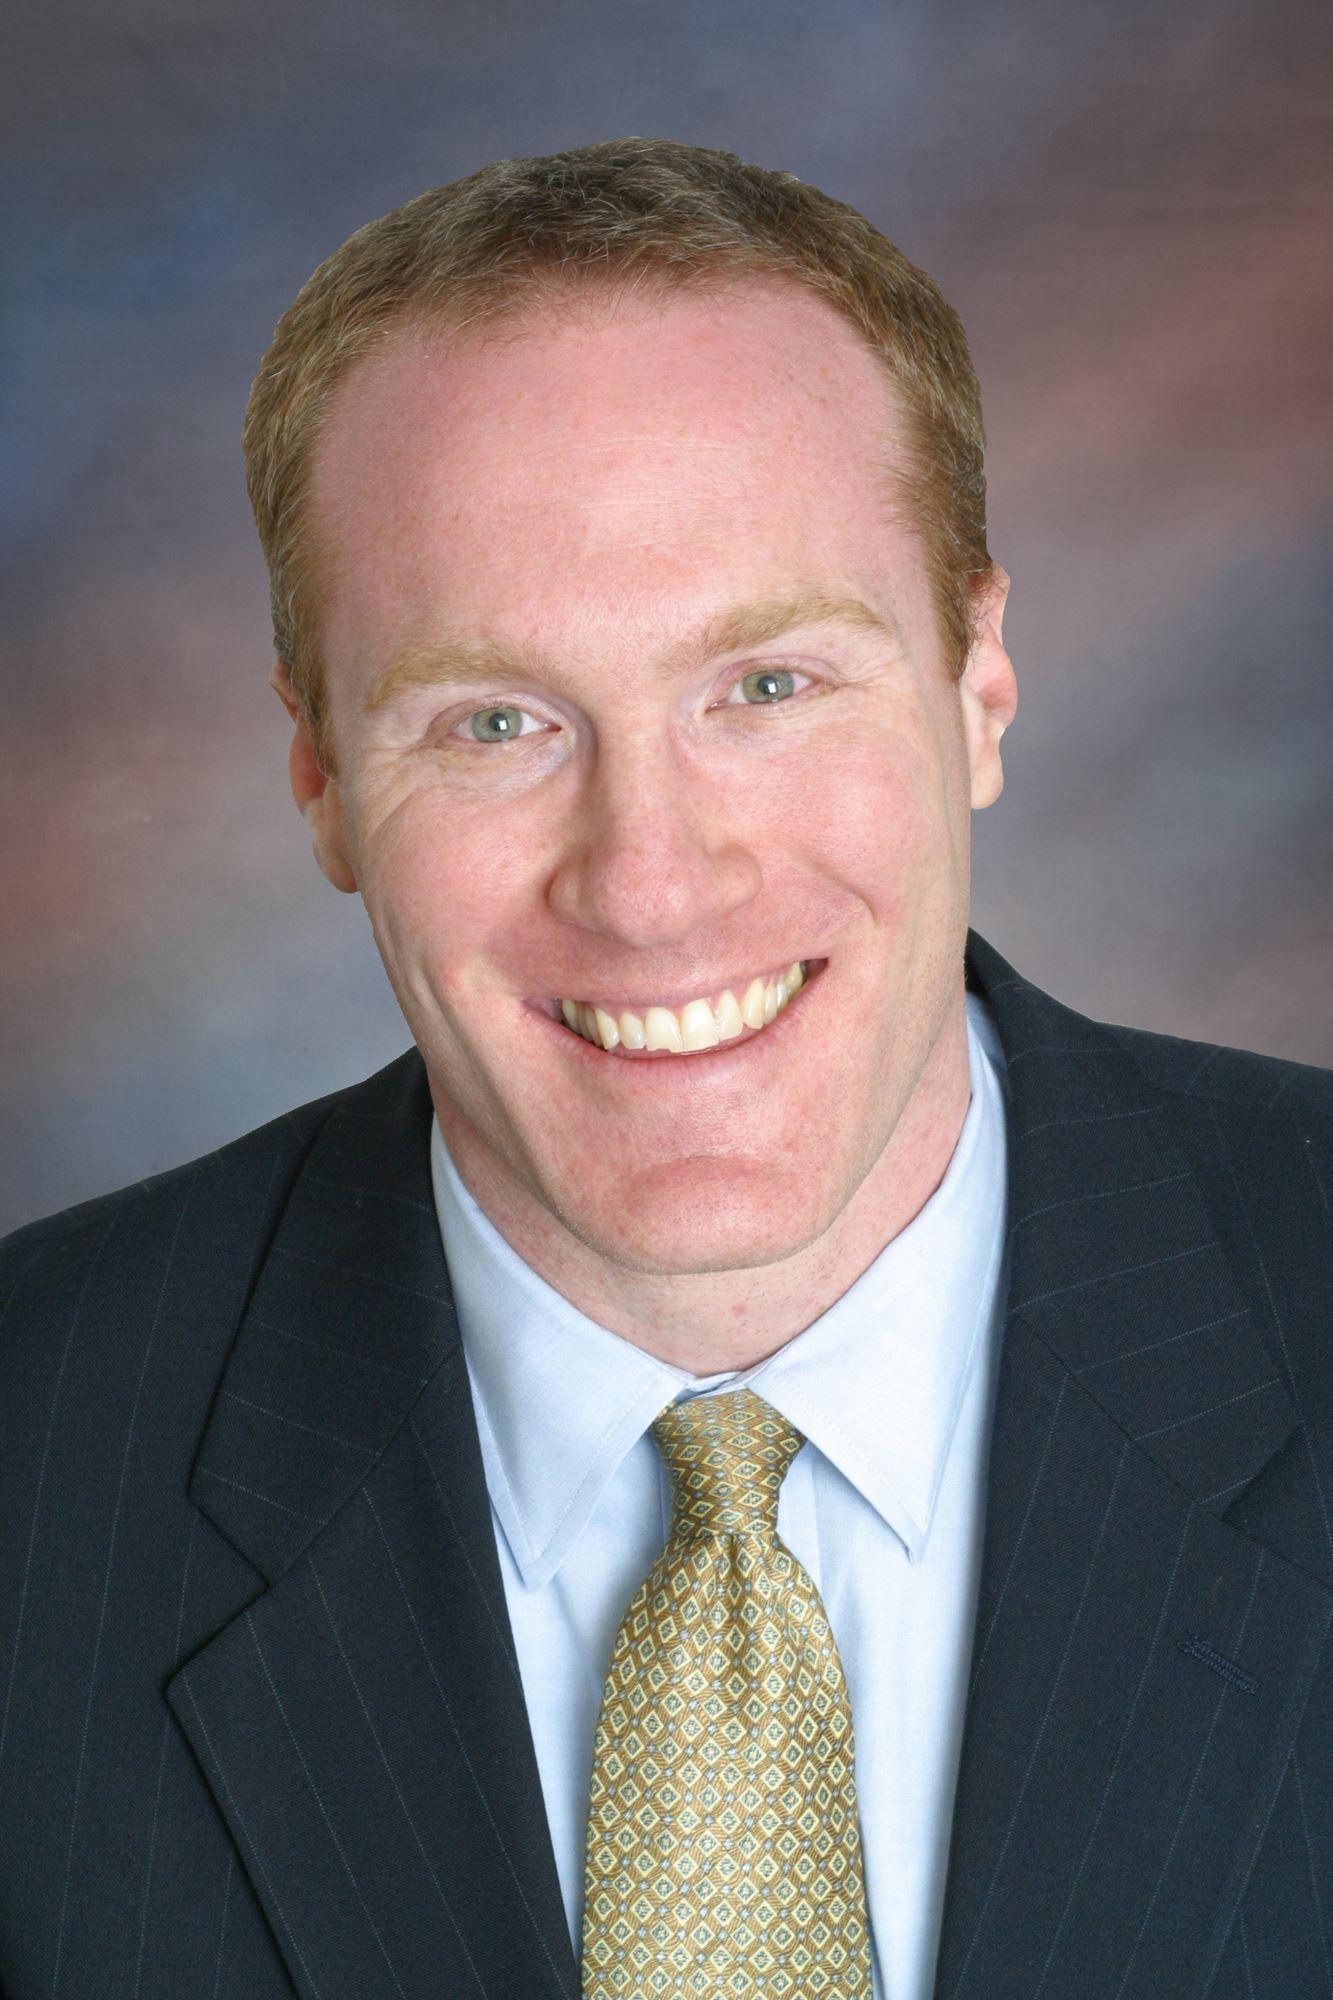 Andrew Falter